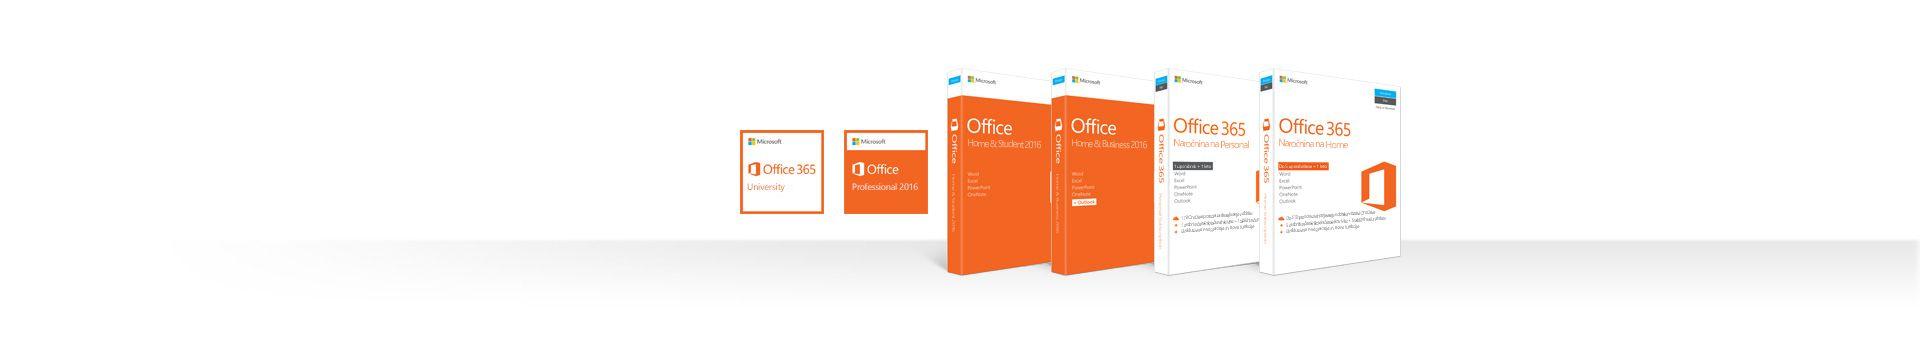 Vrstica polja izdelkov sistema Office 2016 in storitve Office 365 za računalnike s sistemom Windows